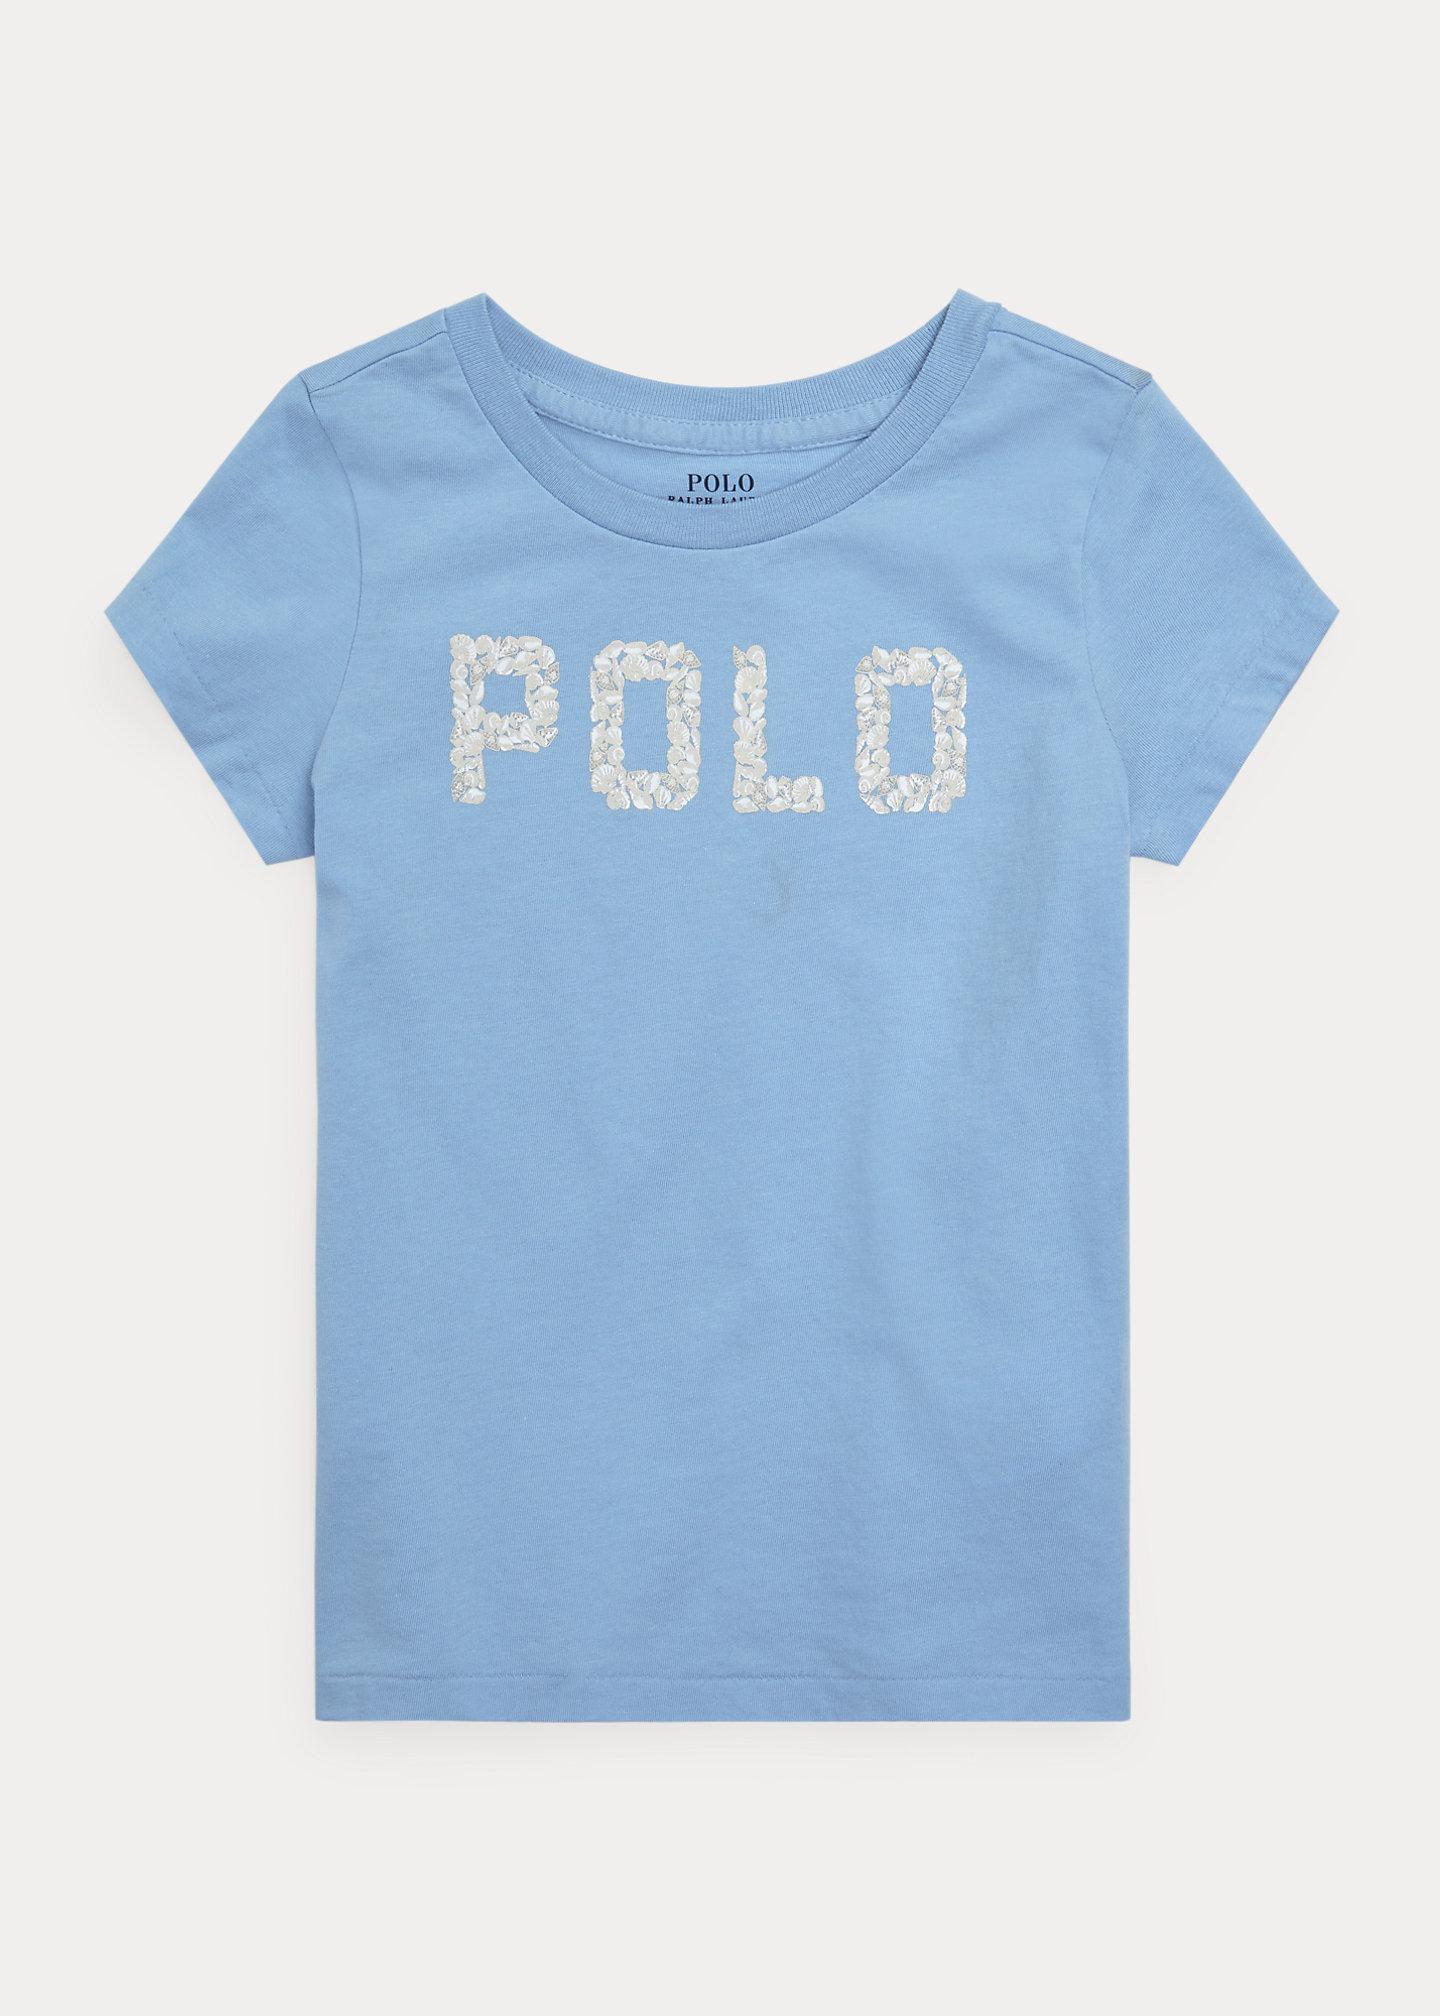 Polo Ralph Lauren Seashell Logo Cotton Jersey Tee